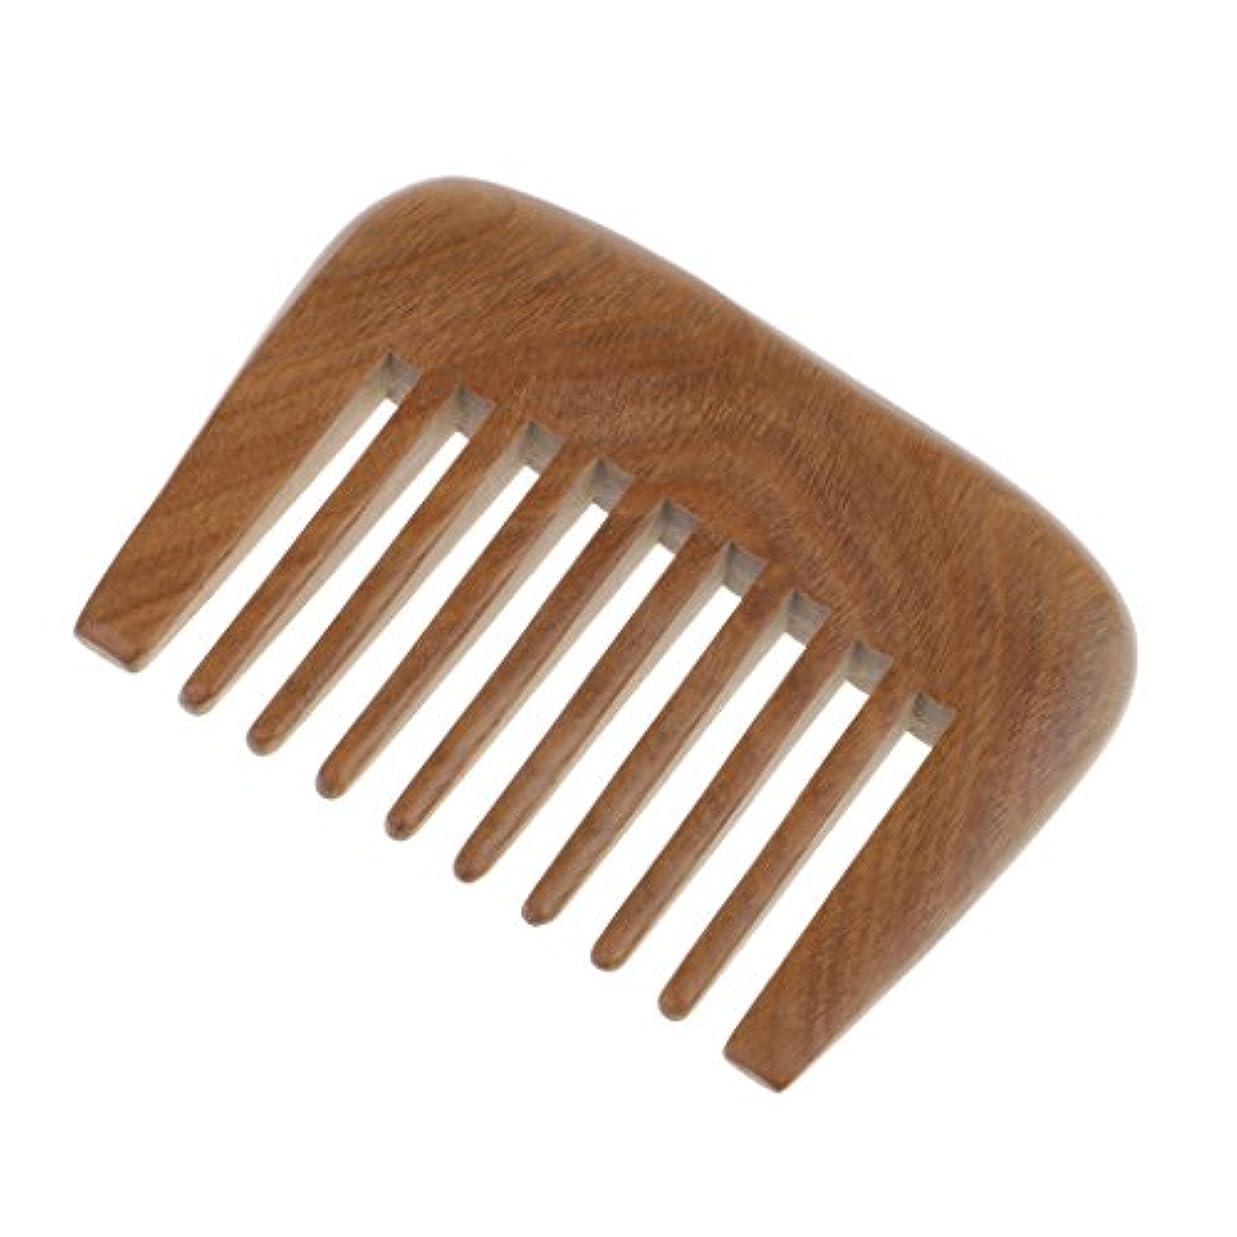 ピューチェリー共和党天然木広い歯の櫛Detanglerブラシ帯電防止グリーンビャクダン